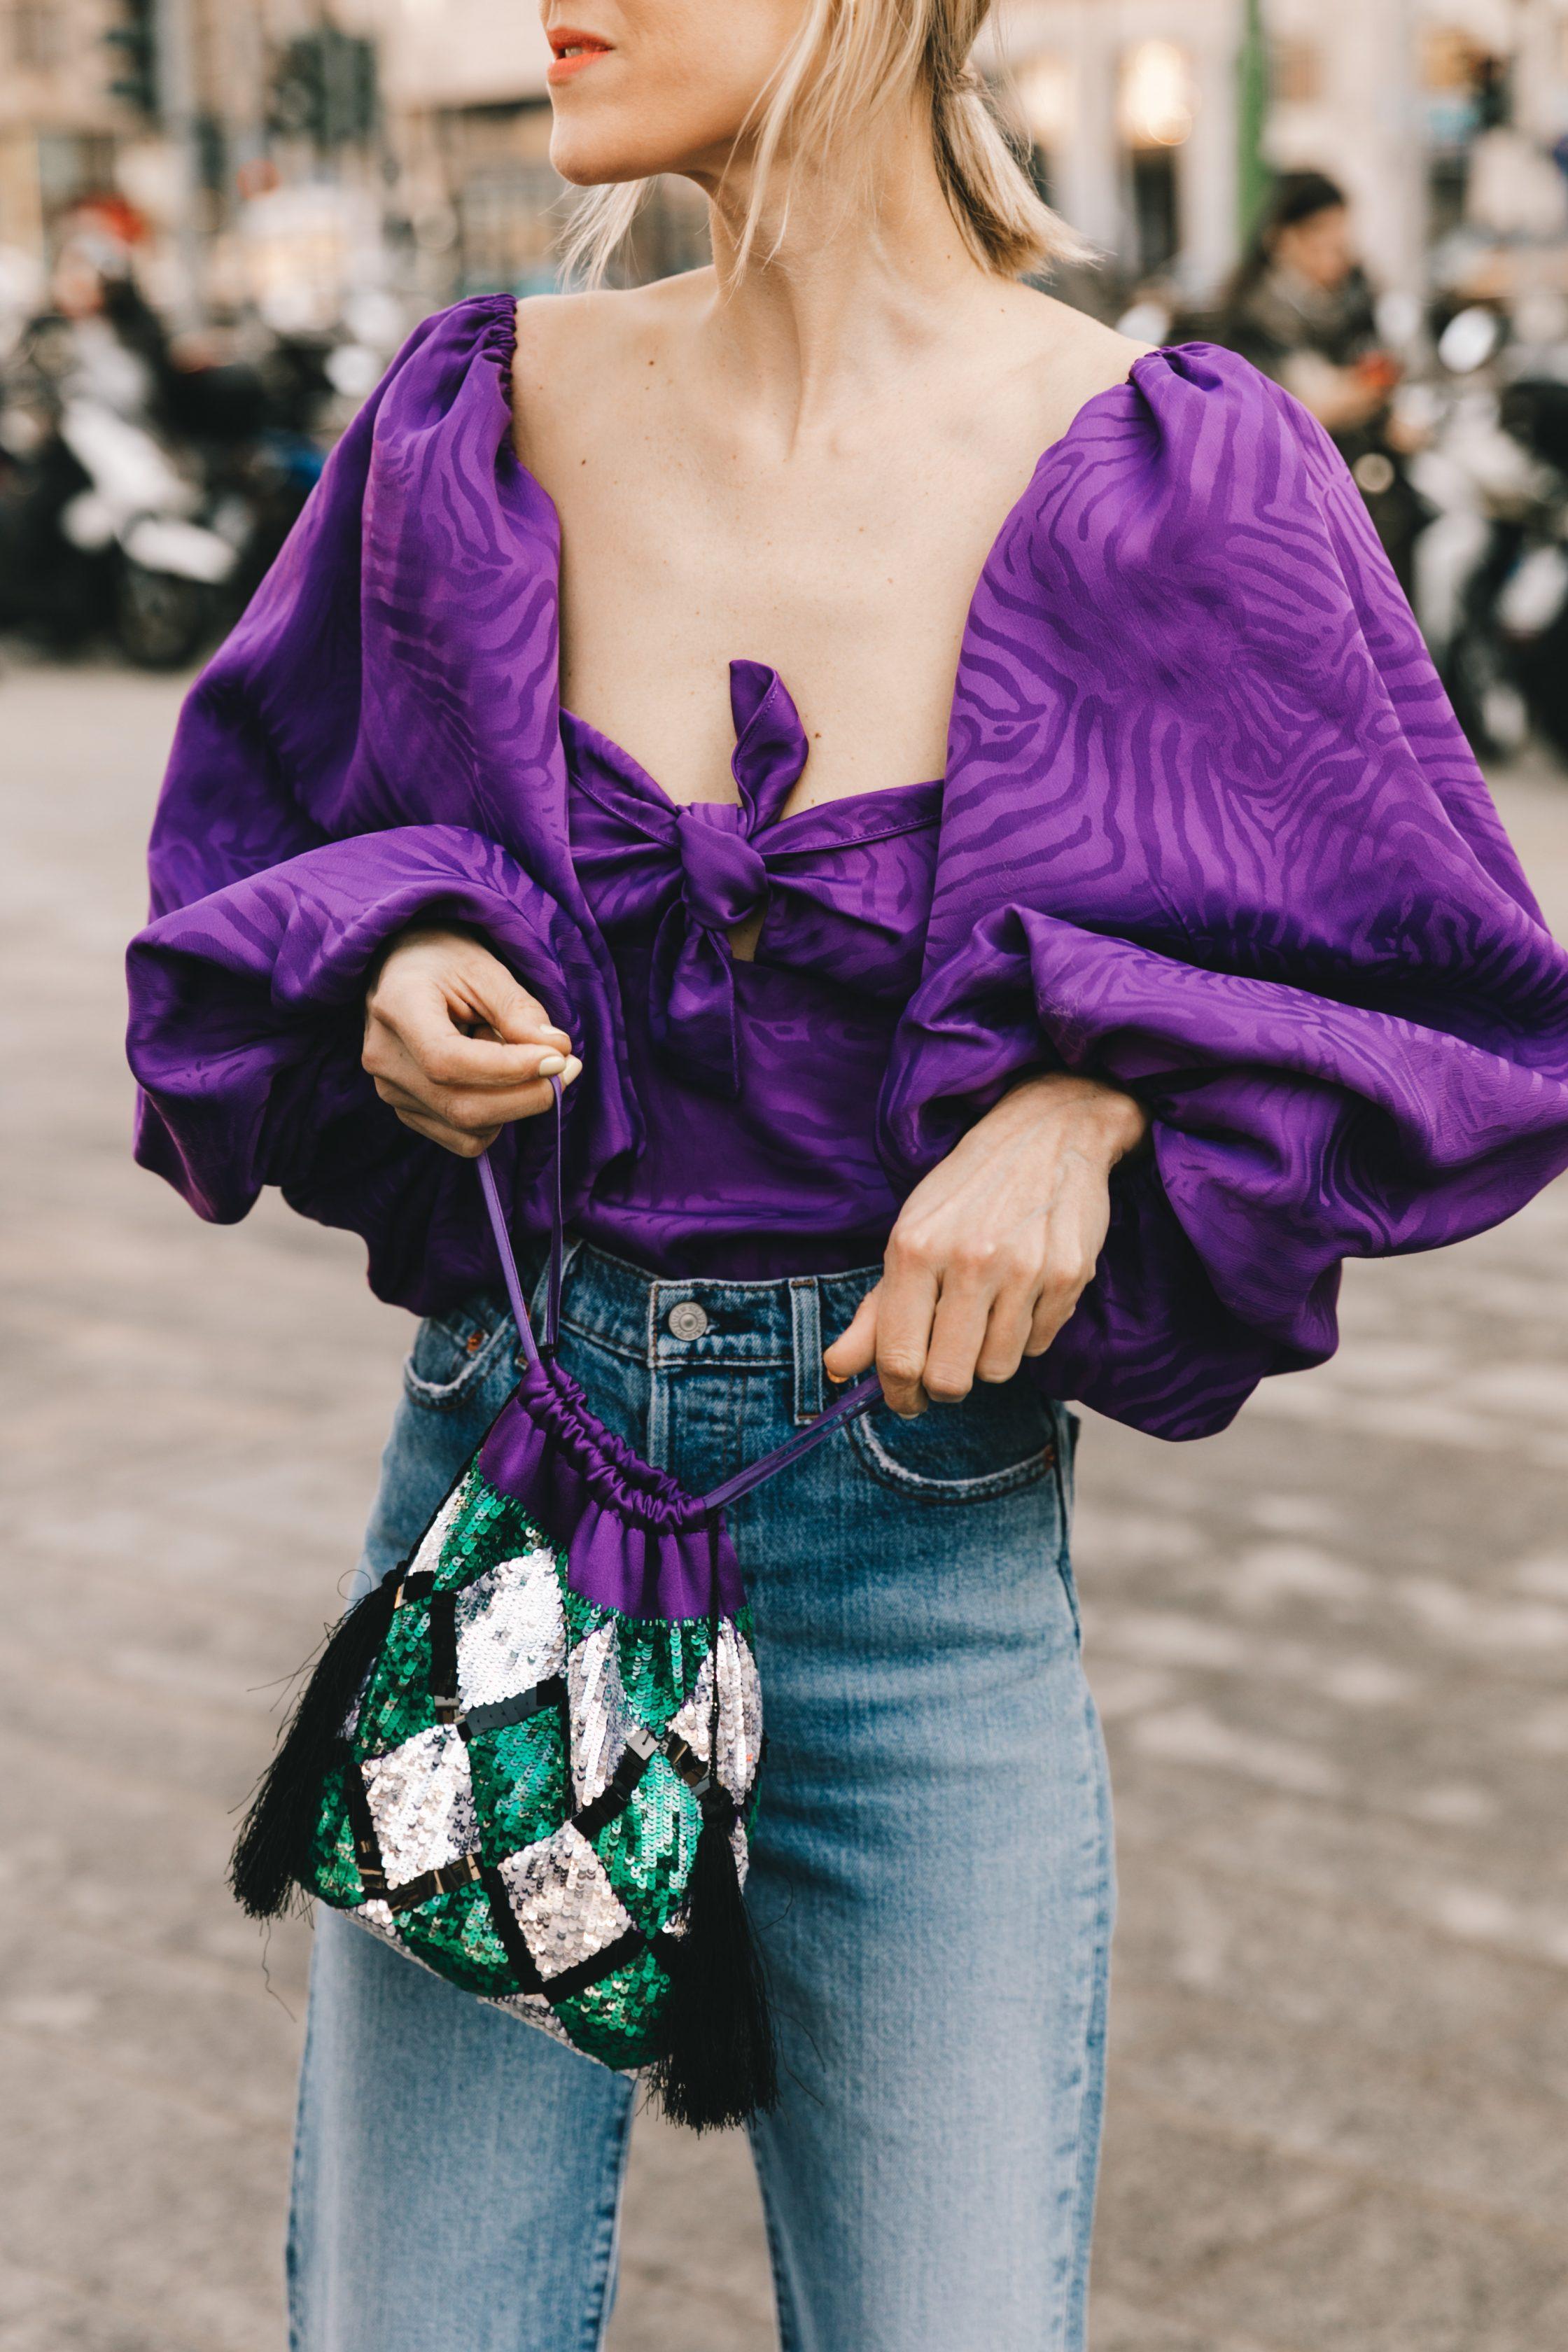 thời trang cung hoàng đạo bảo bình - Áo tay phồng màu tím hoa cà kết hợp cùng quần jeans